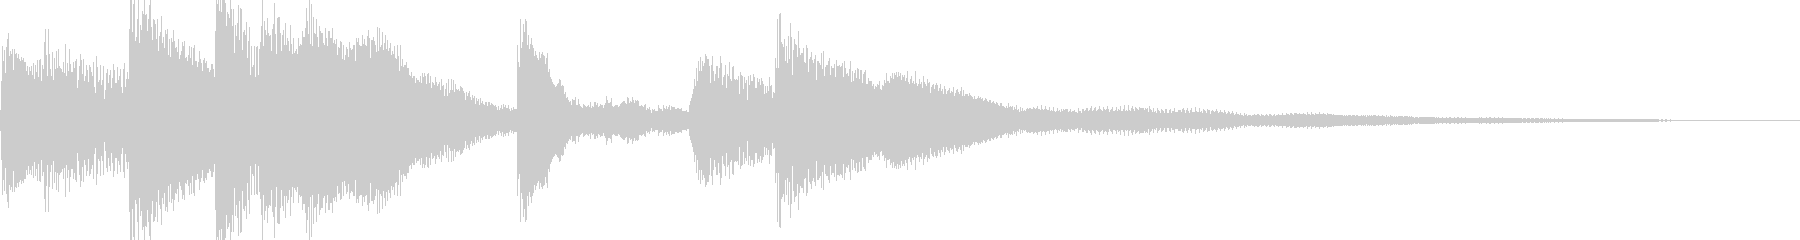 シンプルなジングル【ピアノ】その6です。の未再生の波形